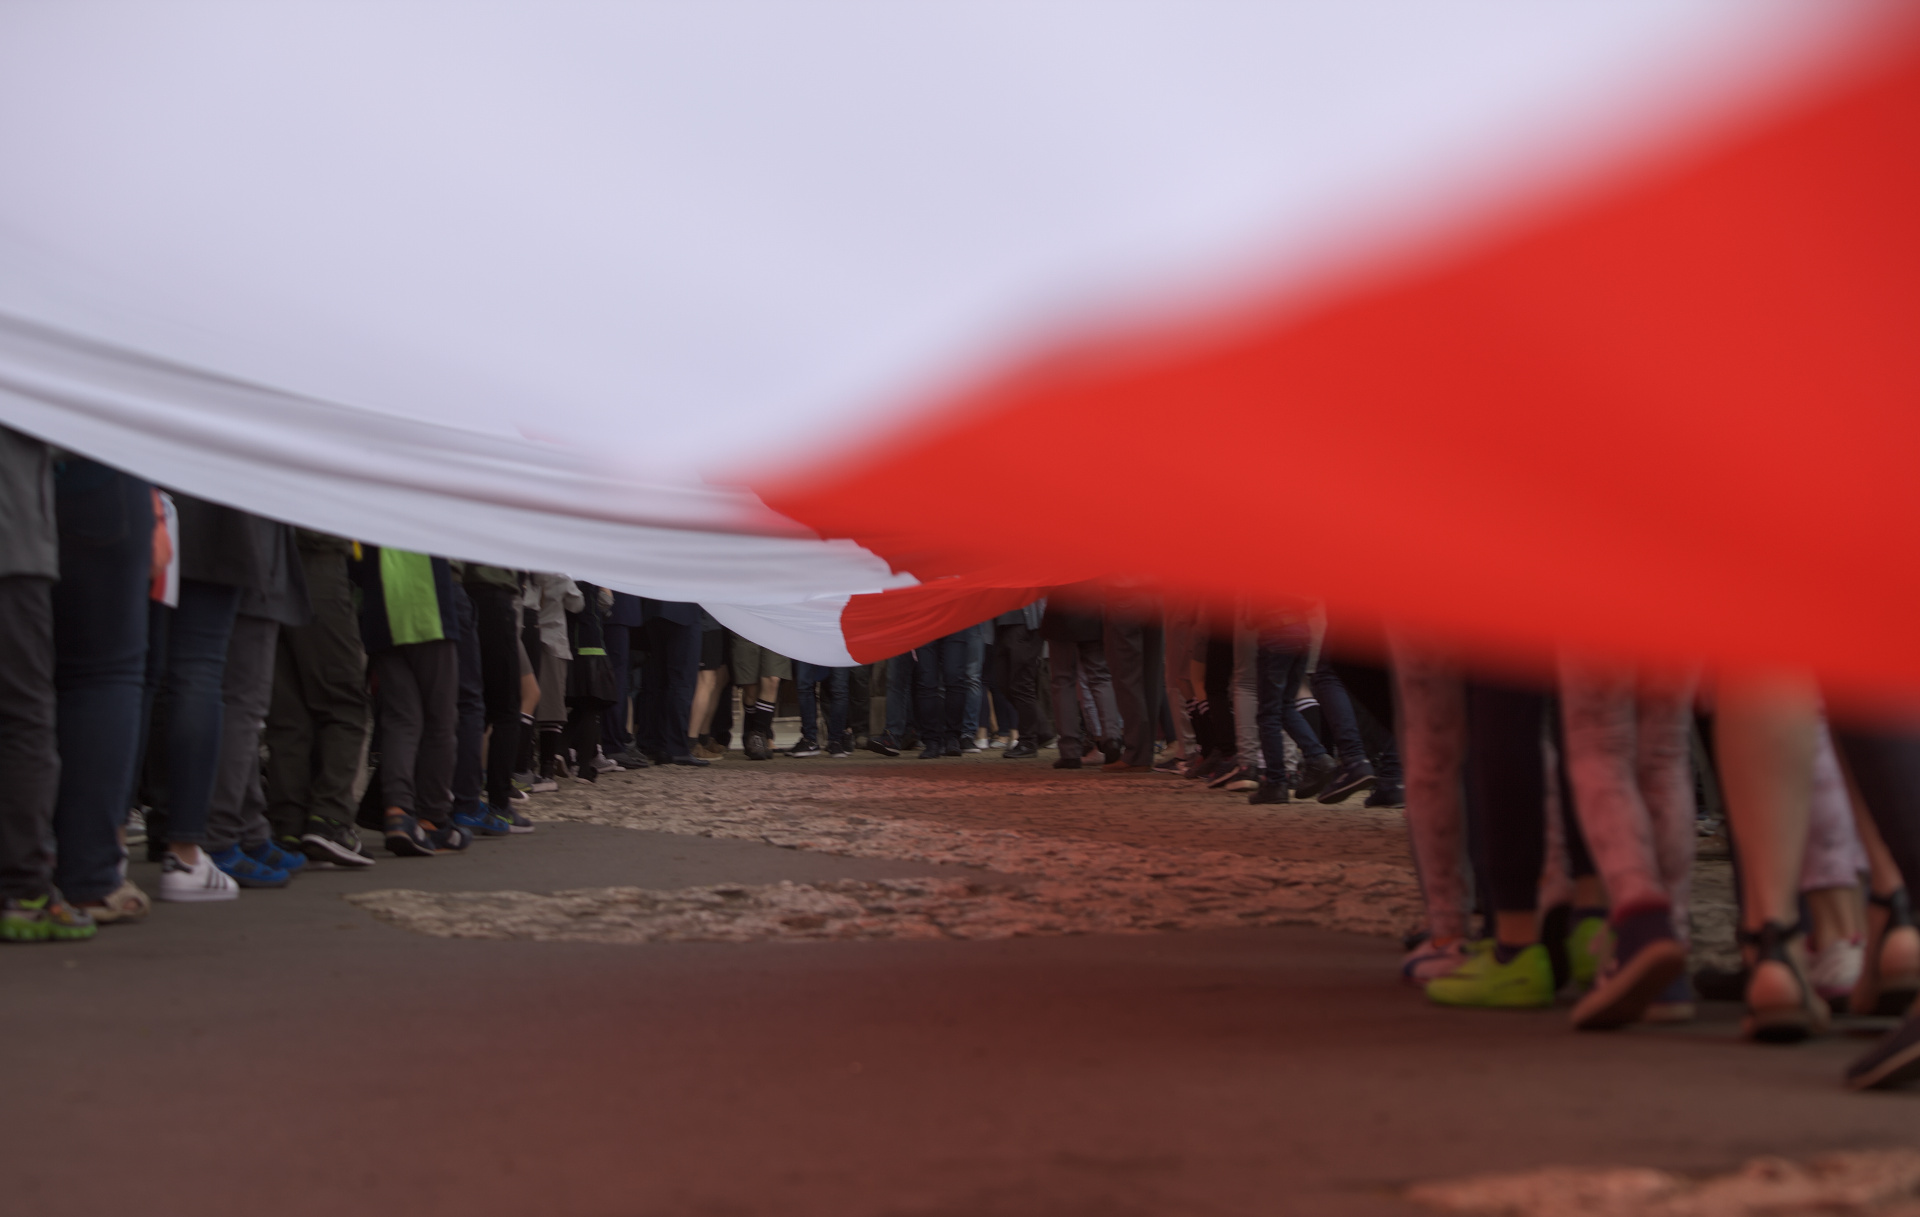 biało-czerwona fot. M. Kaproń